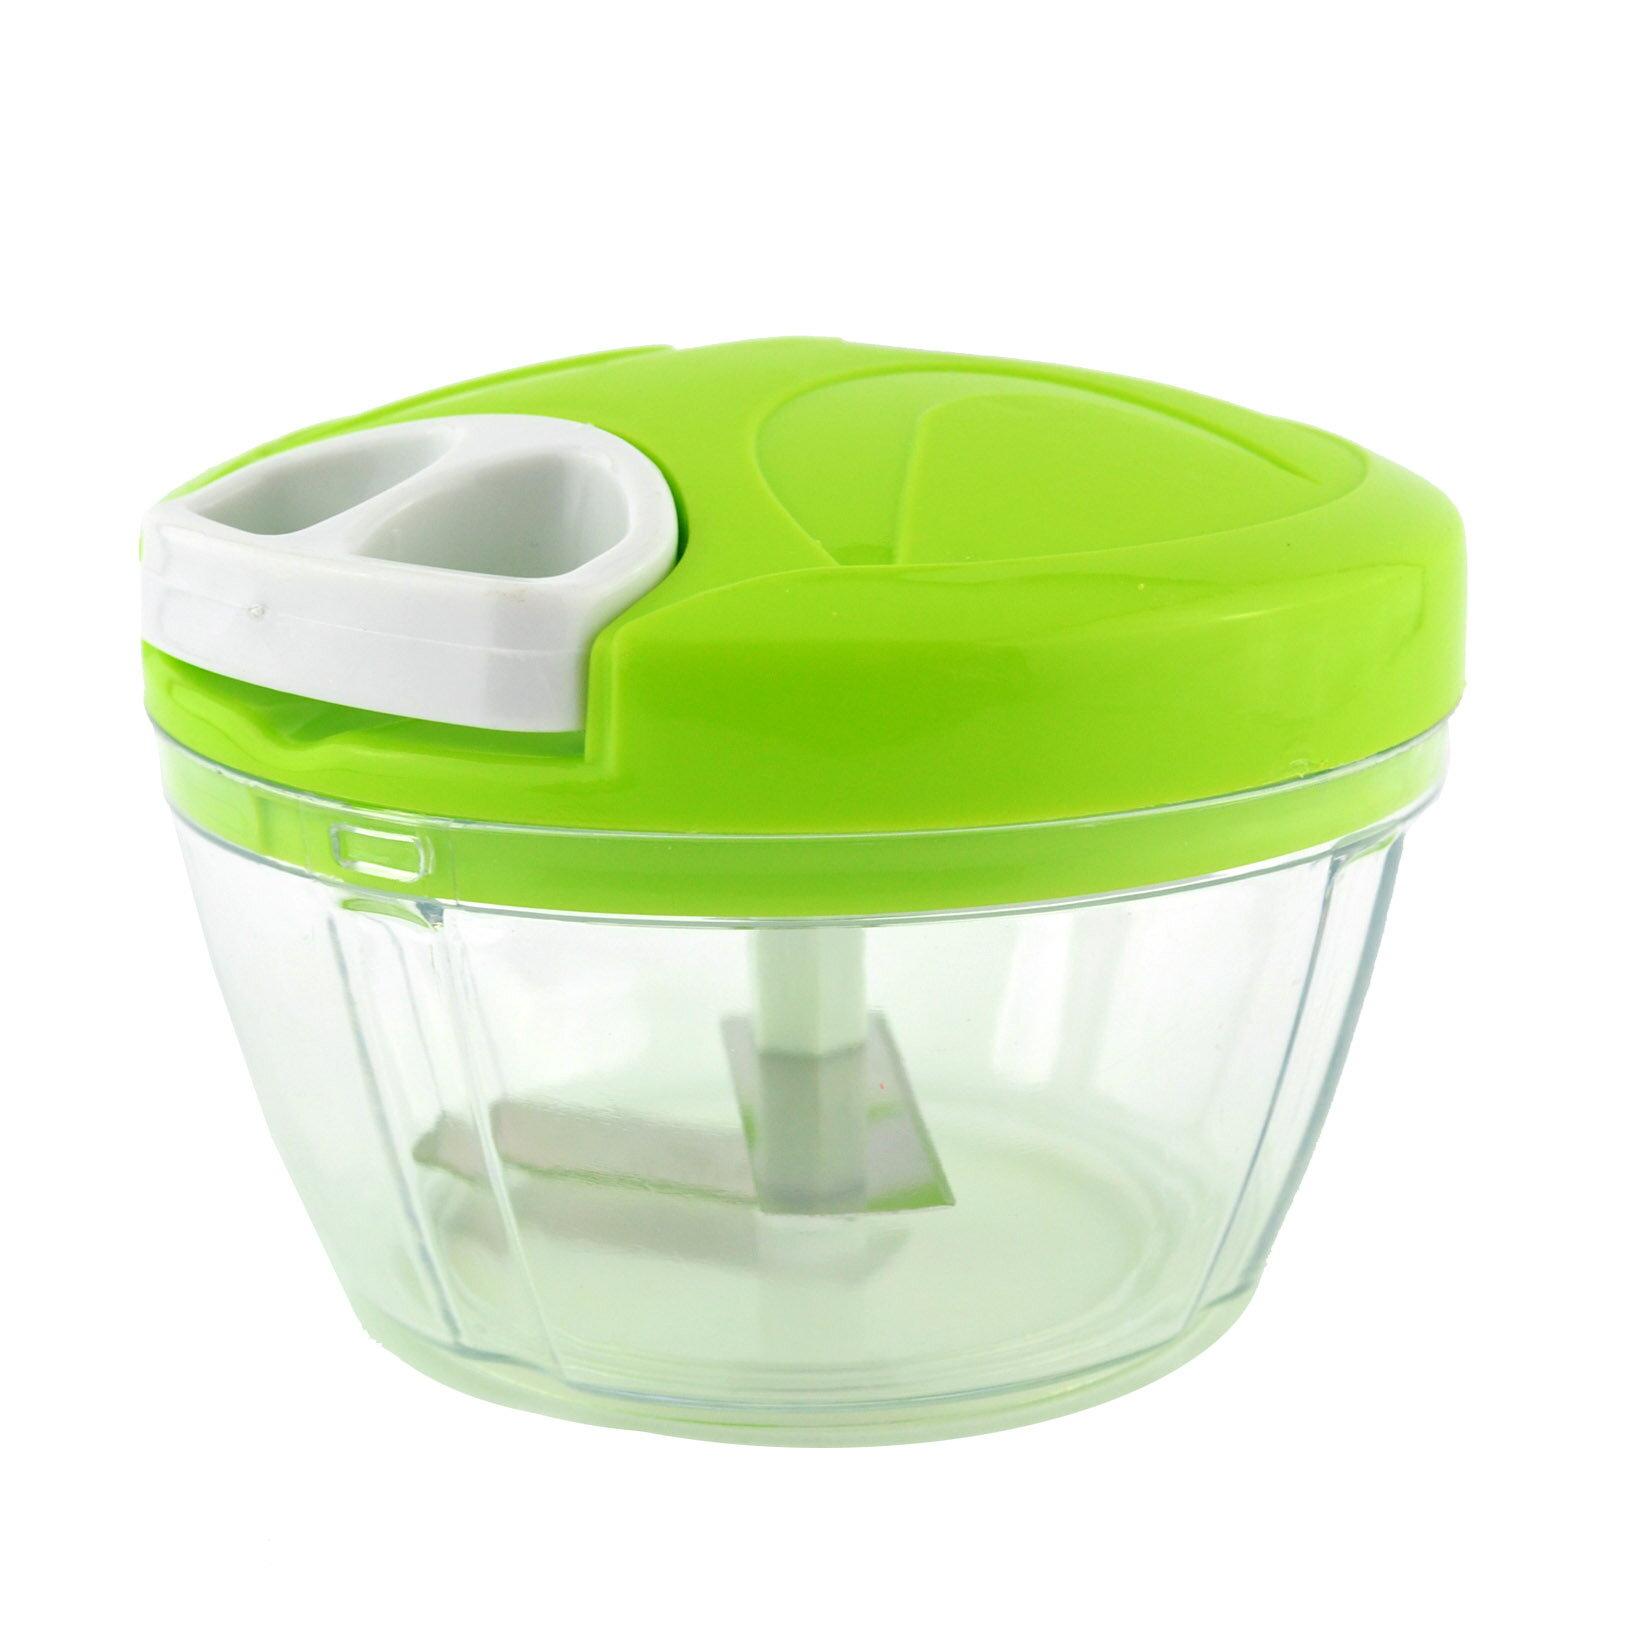 拉拉蔬果調理器(附切刀) CHY399-17